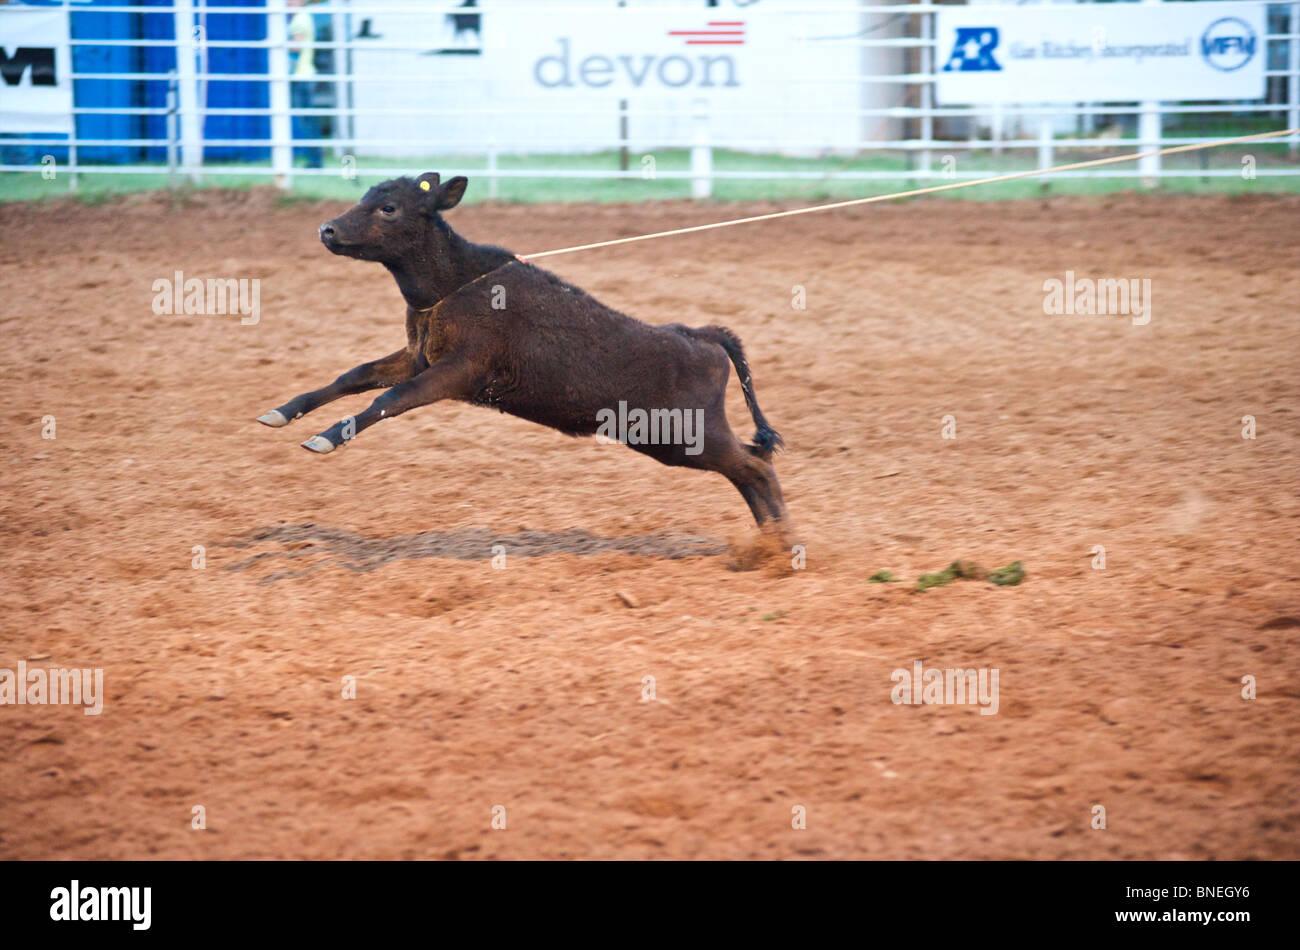 Veau lié à la corde dans l'Steer wrestling la concurrence au rodéo érythroblastopénie à Petite-ville, Bridgeport, Texas, États-Unis Banque D'Images